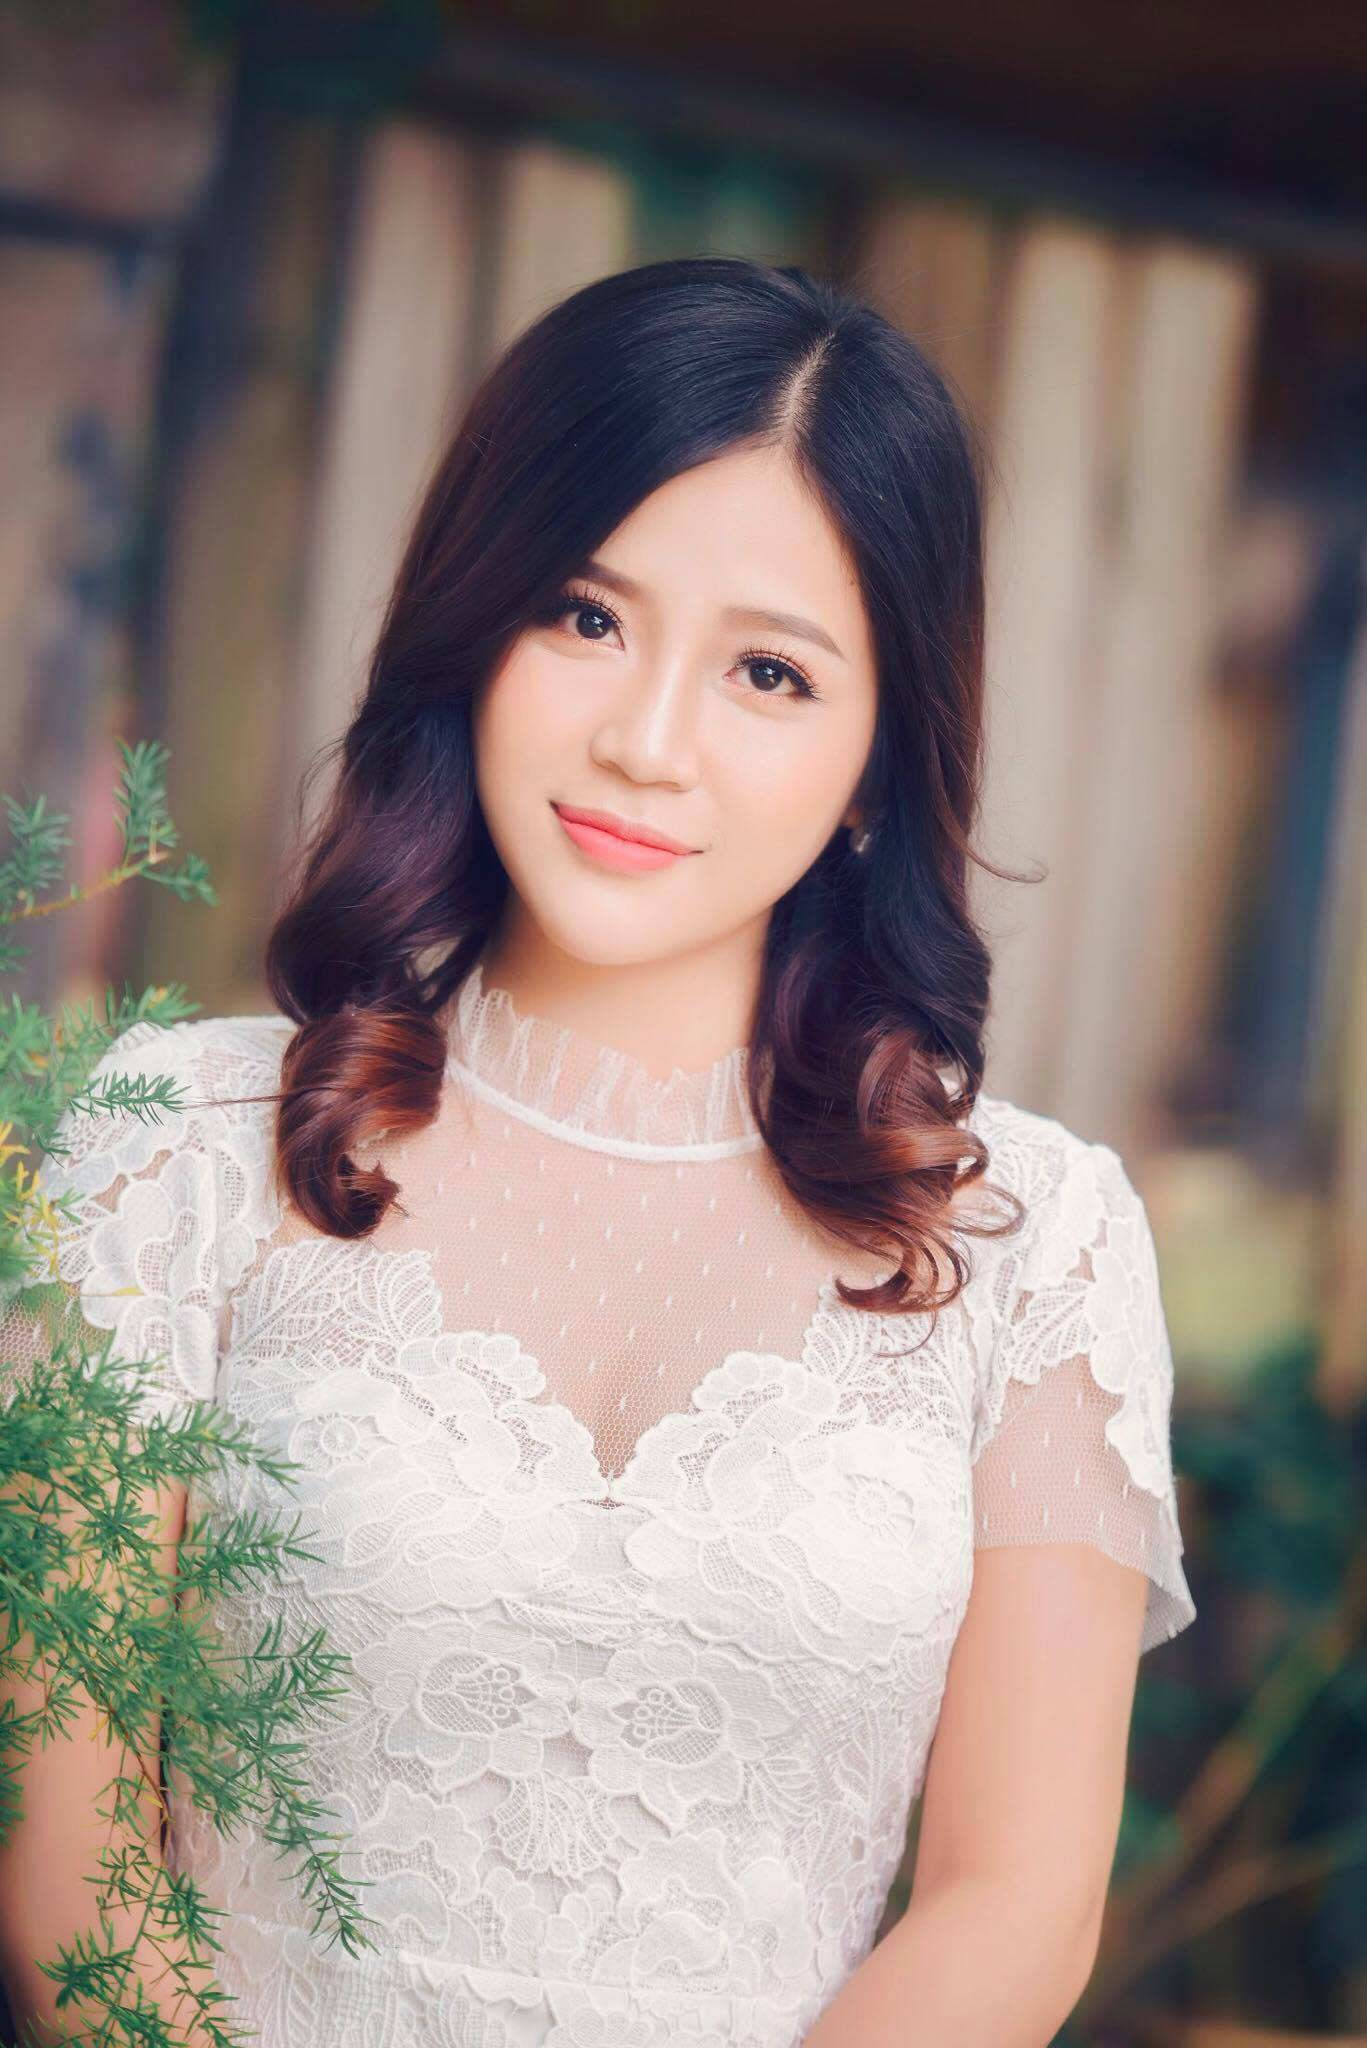 Hot girl Vì yêu mà đến tỏ tình thành công: Mình và anh Quang Bảo hạn chế gặp mặt nhưng luôn tạo bất ngờ - Ảnh 6.